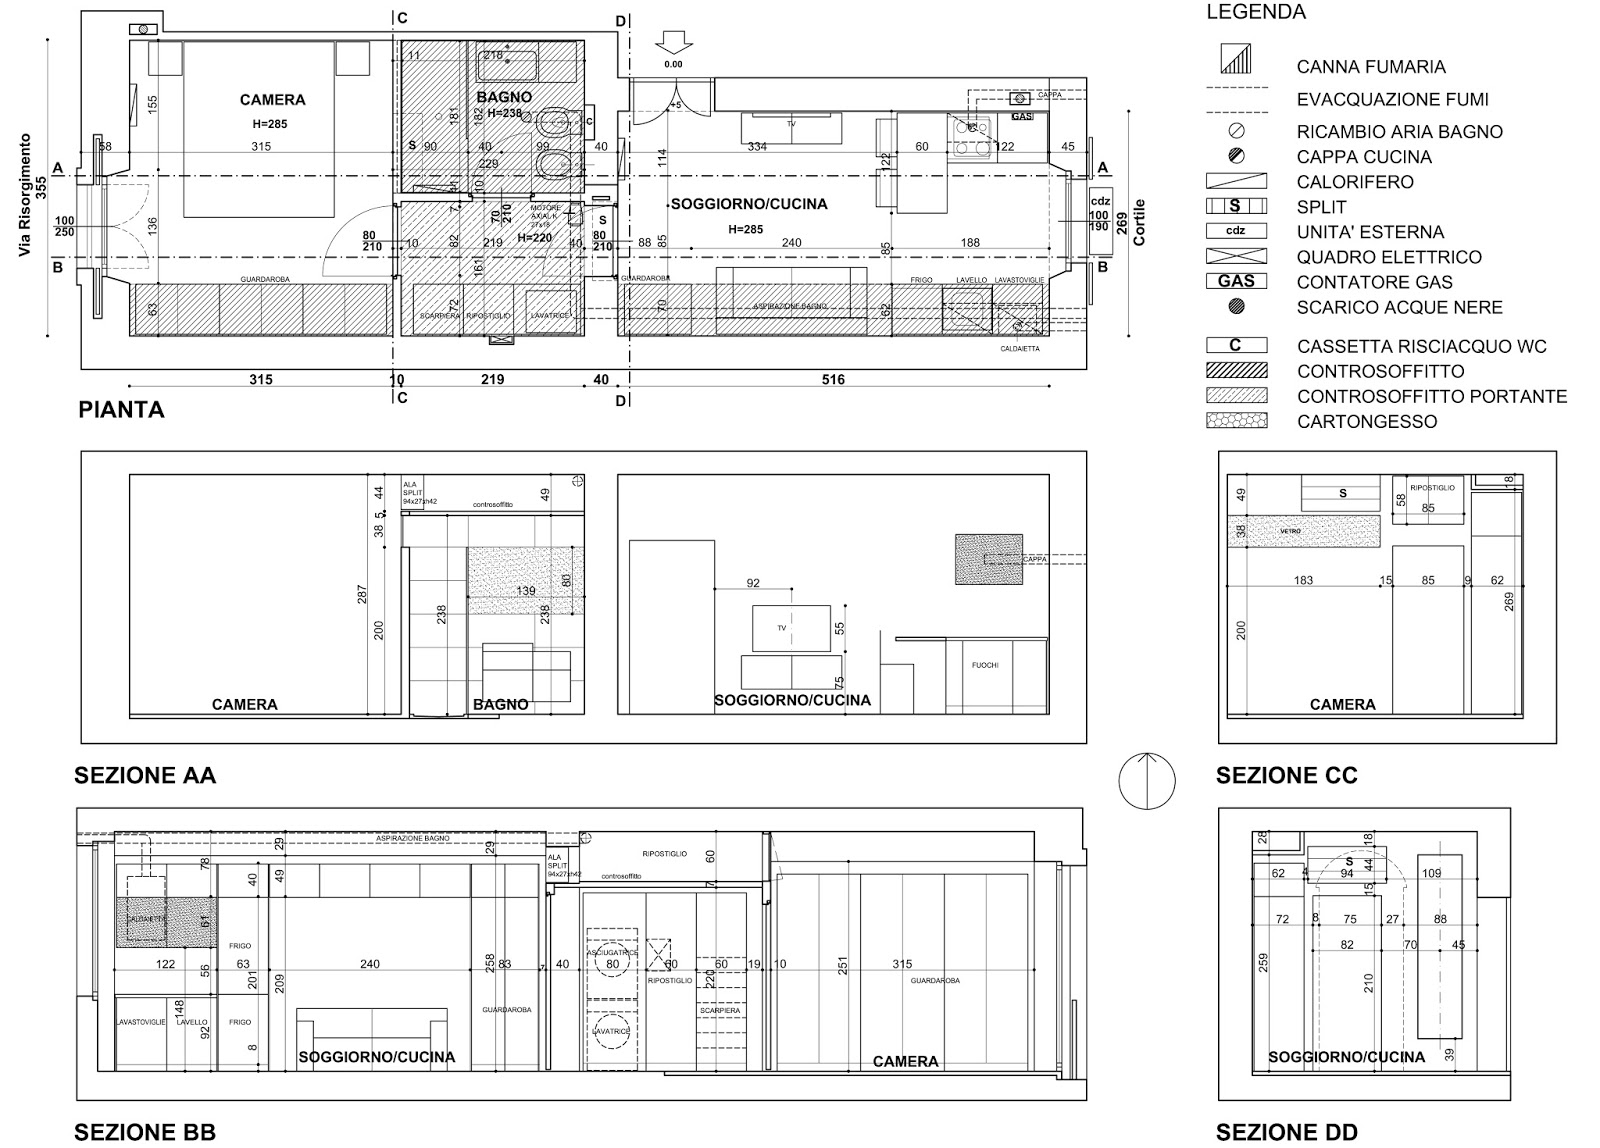 Armadi Ikea Su Misura.Appunti Di Architettura Gli Armadi Ikea Su Misura